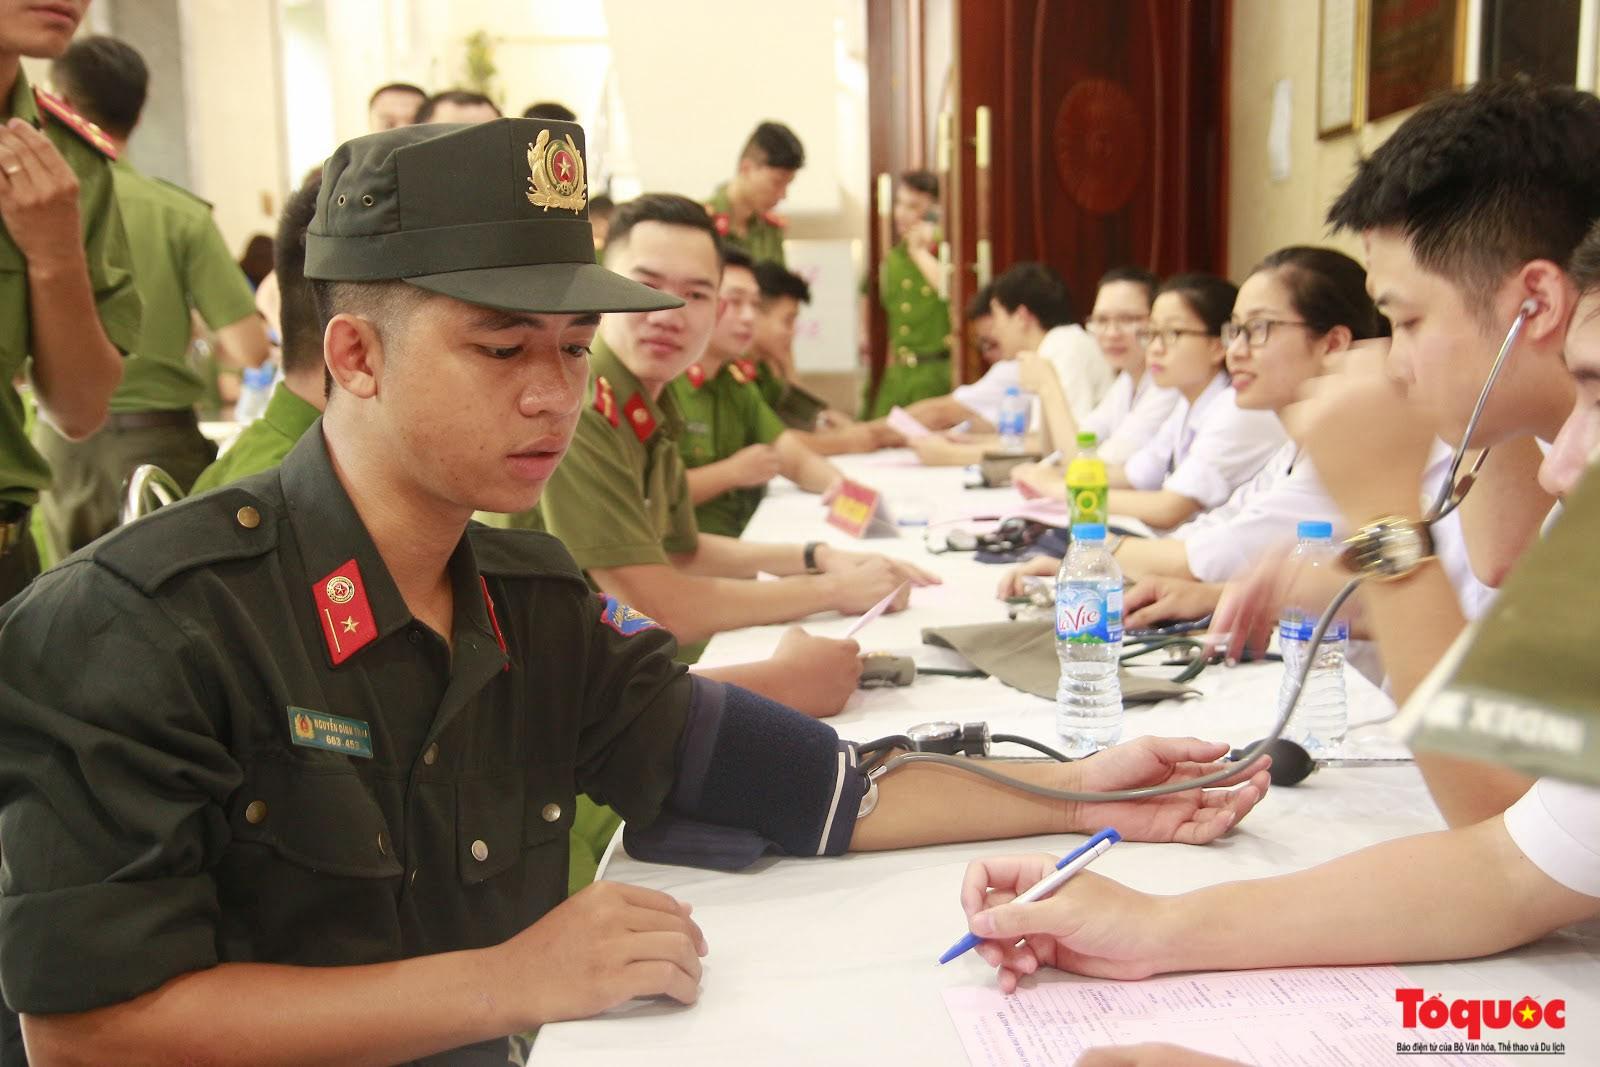 Cán bộ, chiến sỹ CATP Hà Nội hiến máu nghĩa tình vì đồng đội thân yêu (7)